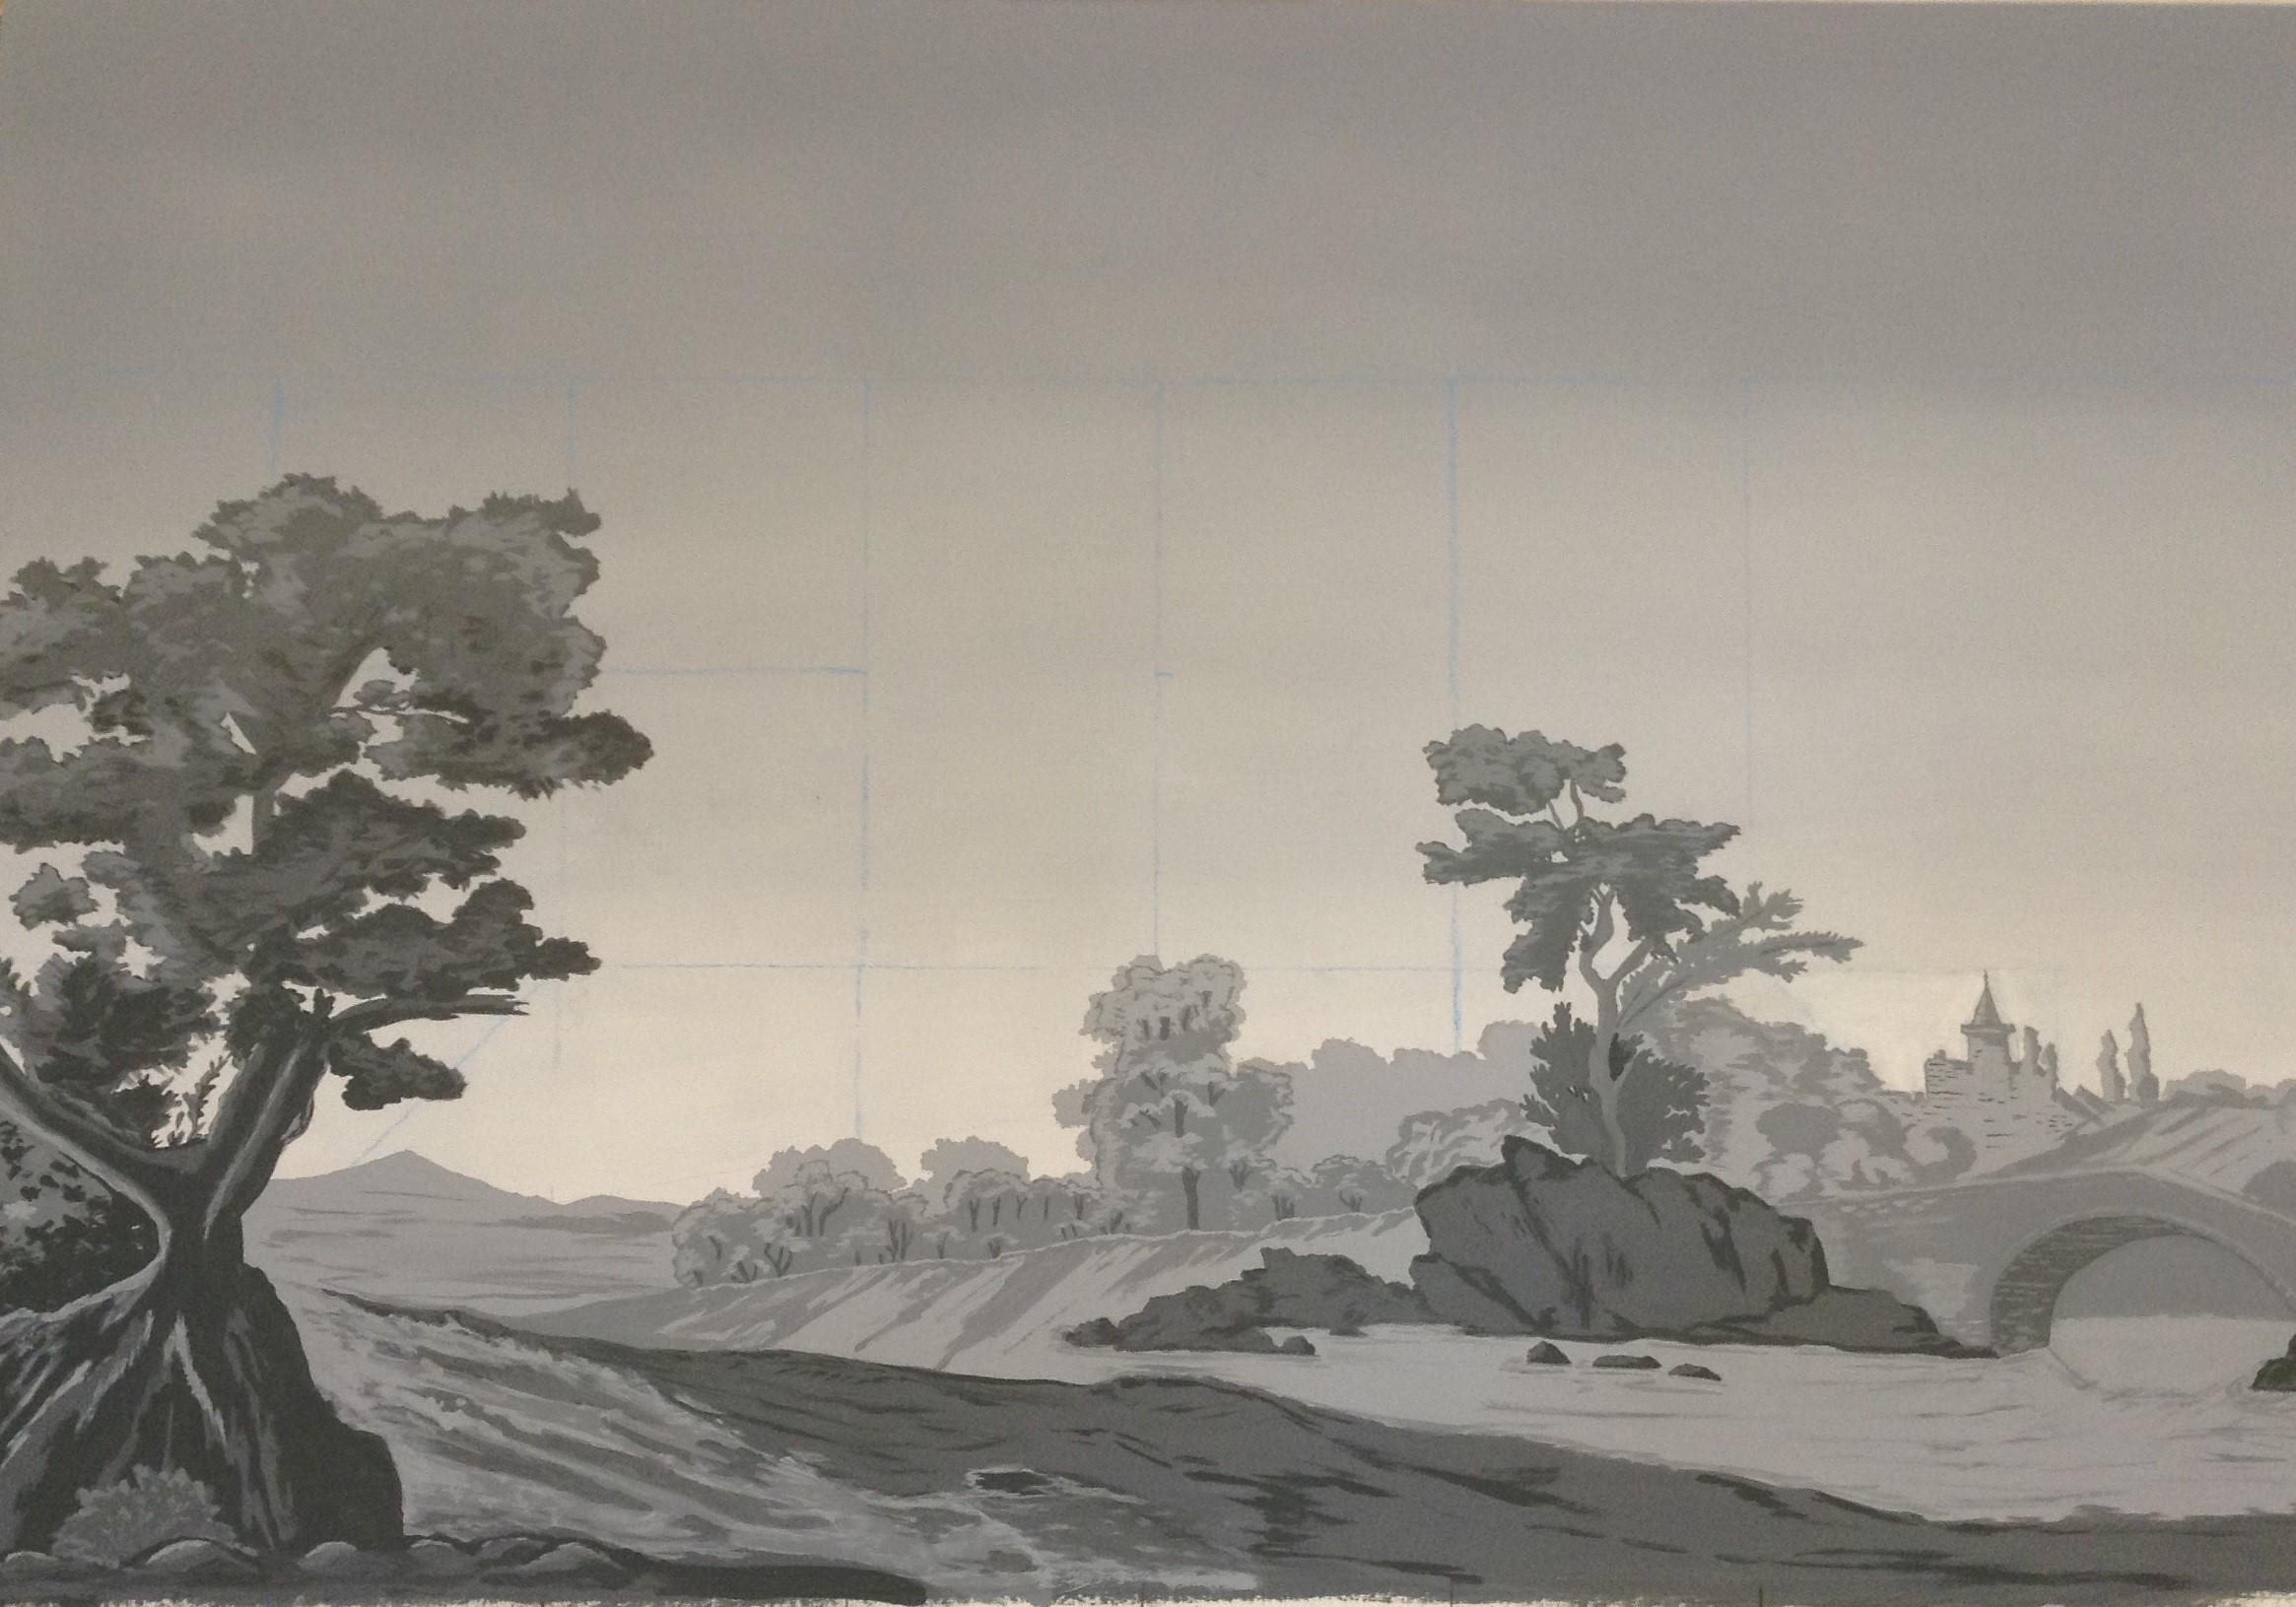 Paysage en grisaille - Peinture à la caséine